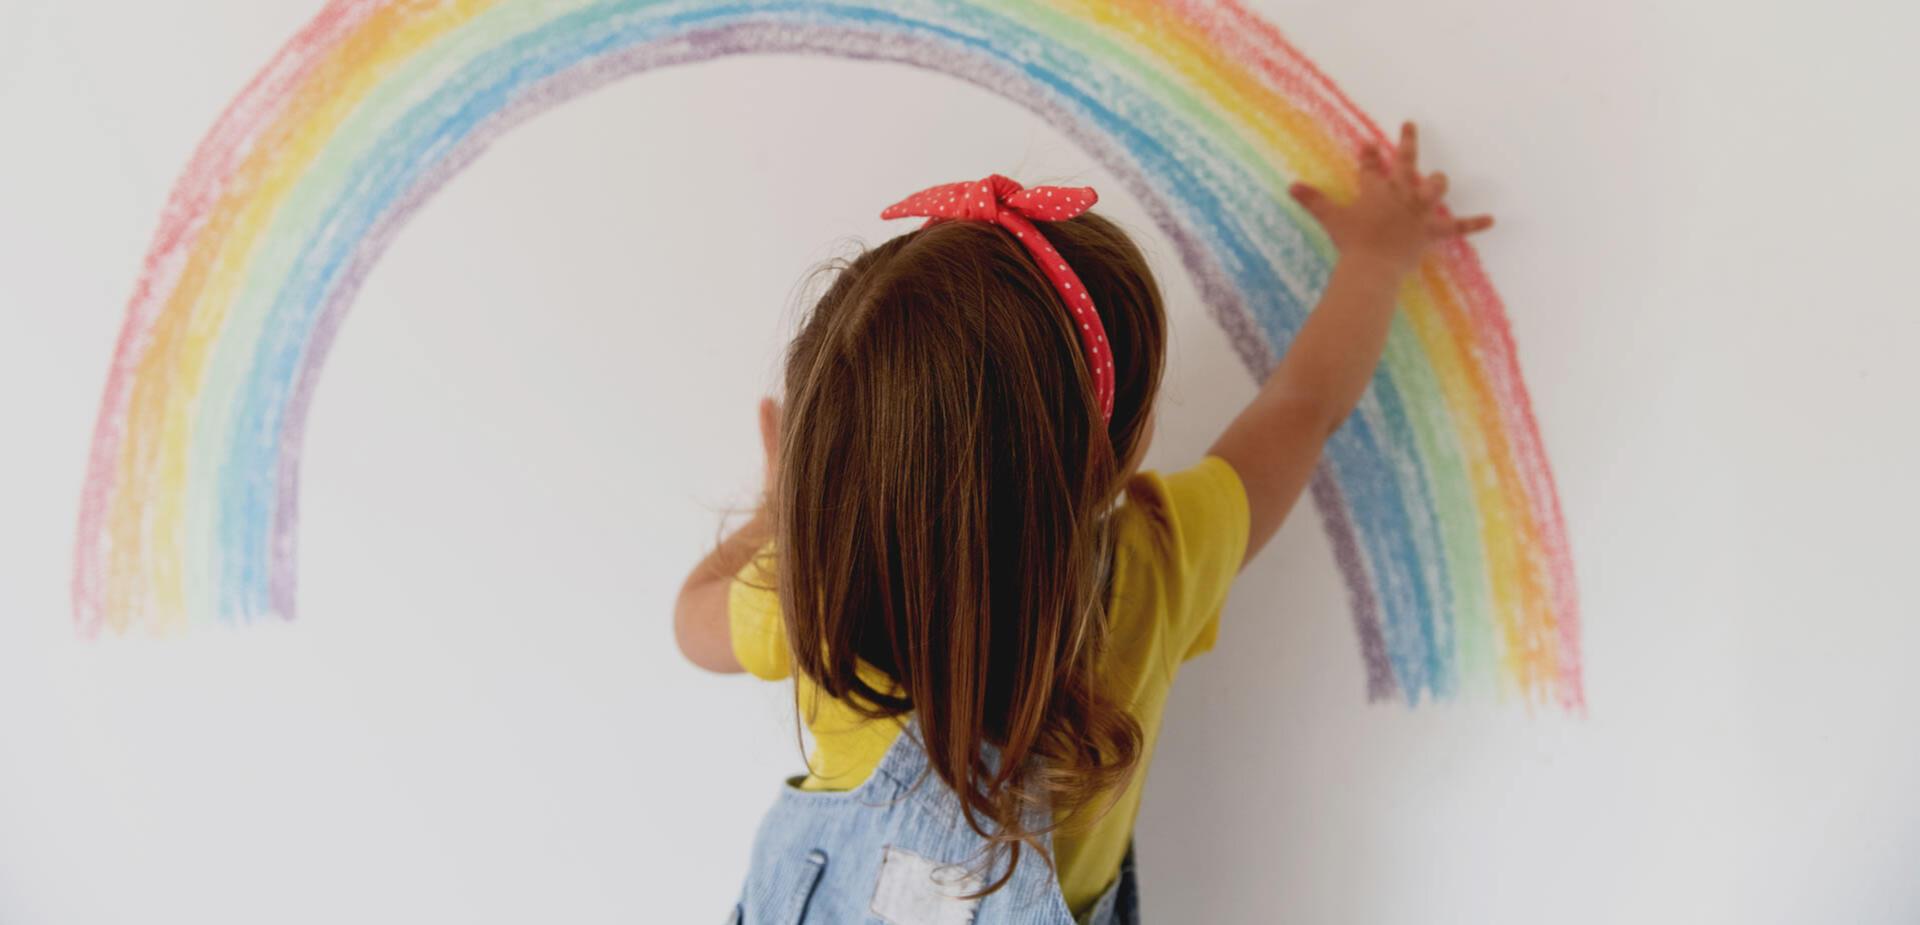 hotelervill fr idees-a-colorier-pour-enfants 013